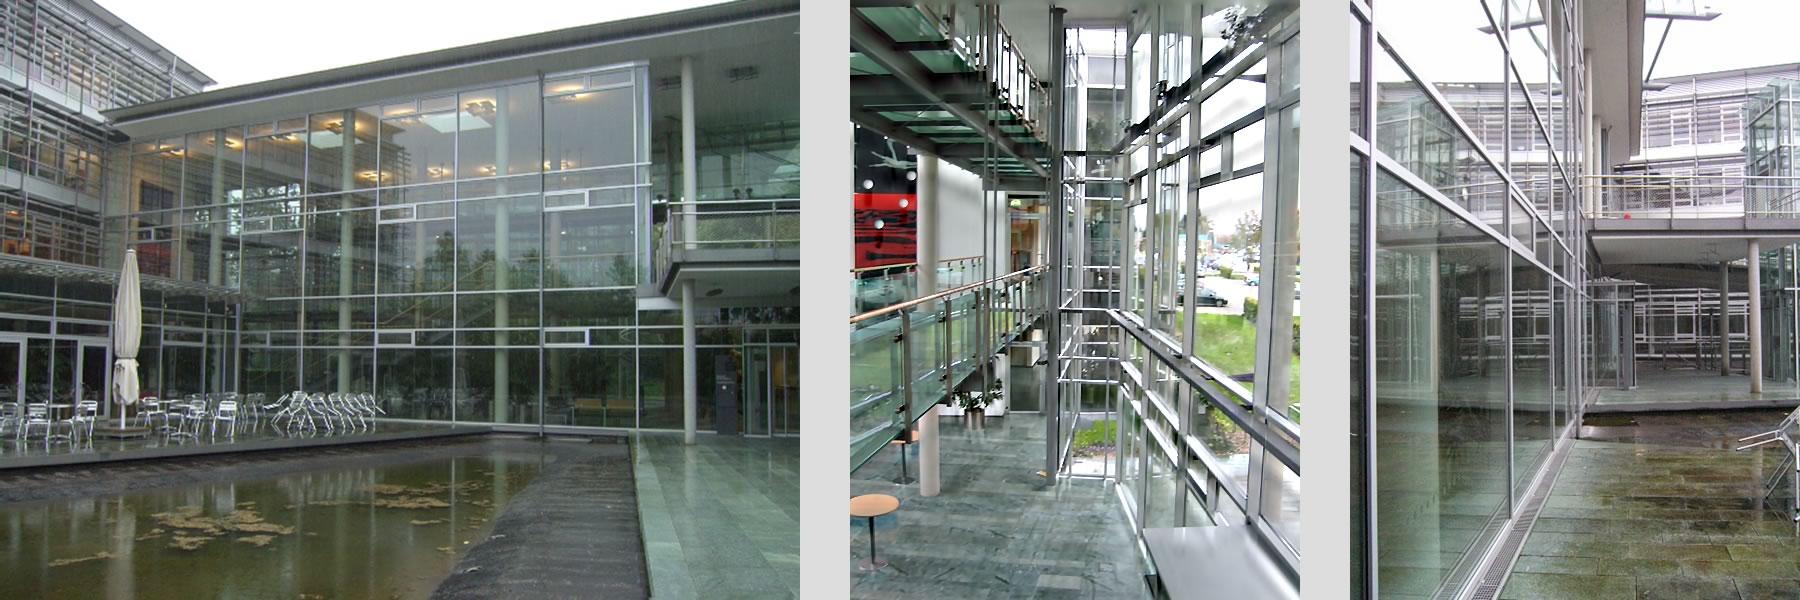 Peukert Reinigung von großen Glasflächen